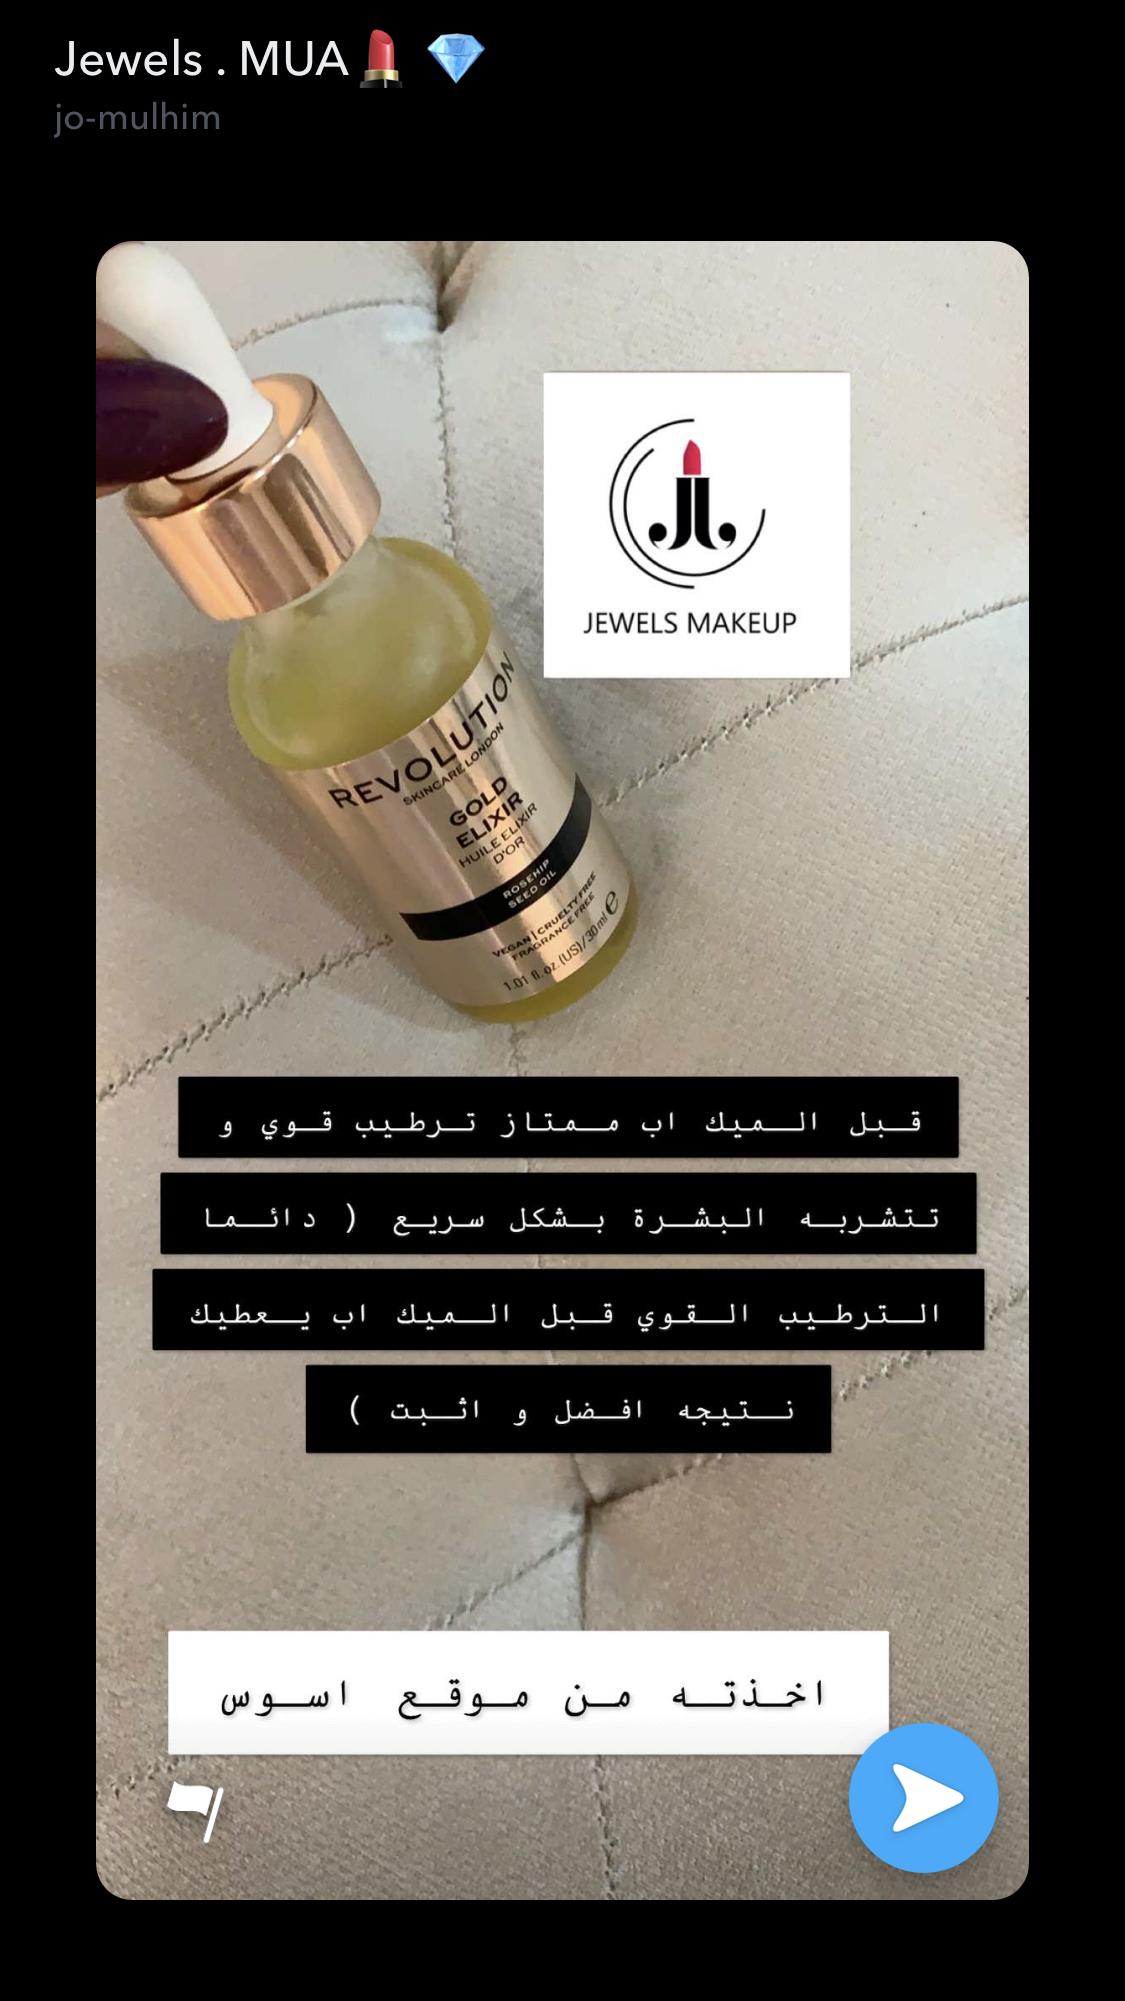 Pin By Maryam Mohamed On منتجات تجميل Jewel Makeup Soap Bottle Hand Soap Bottle